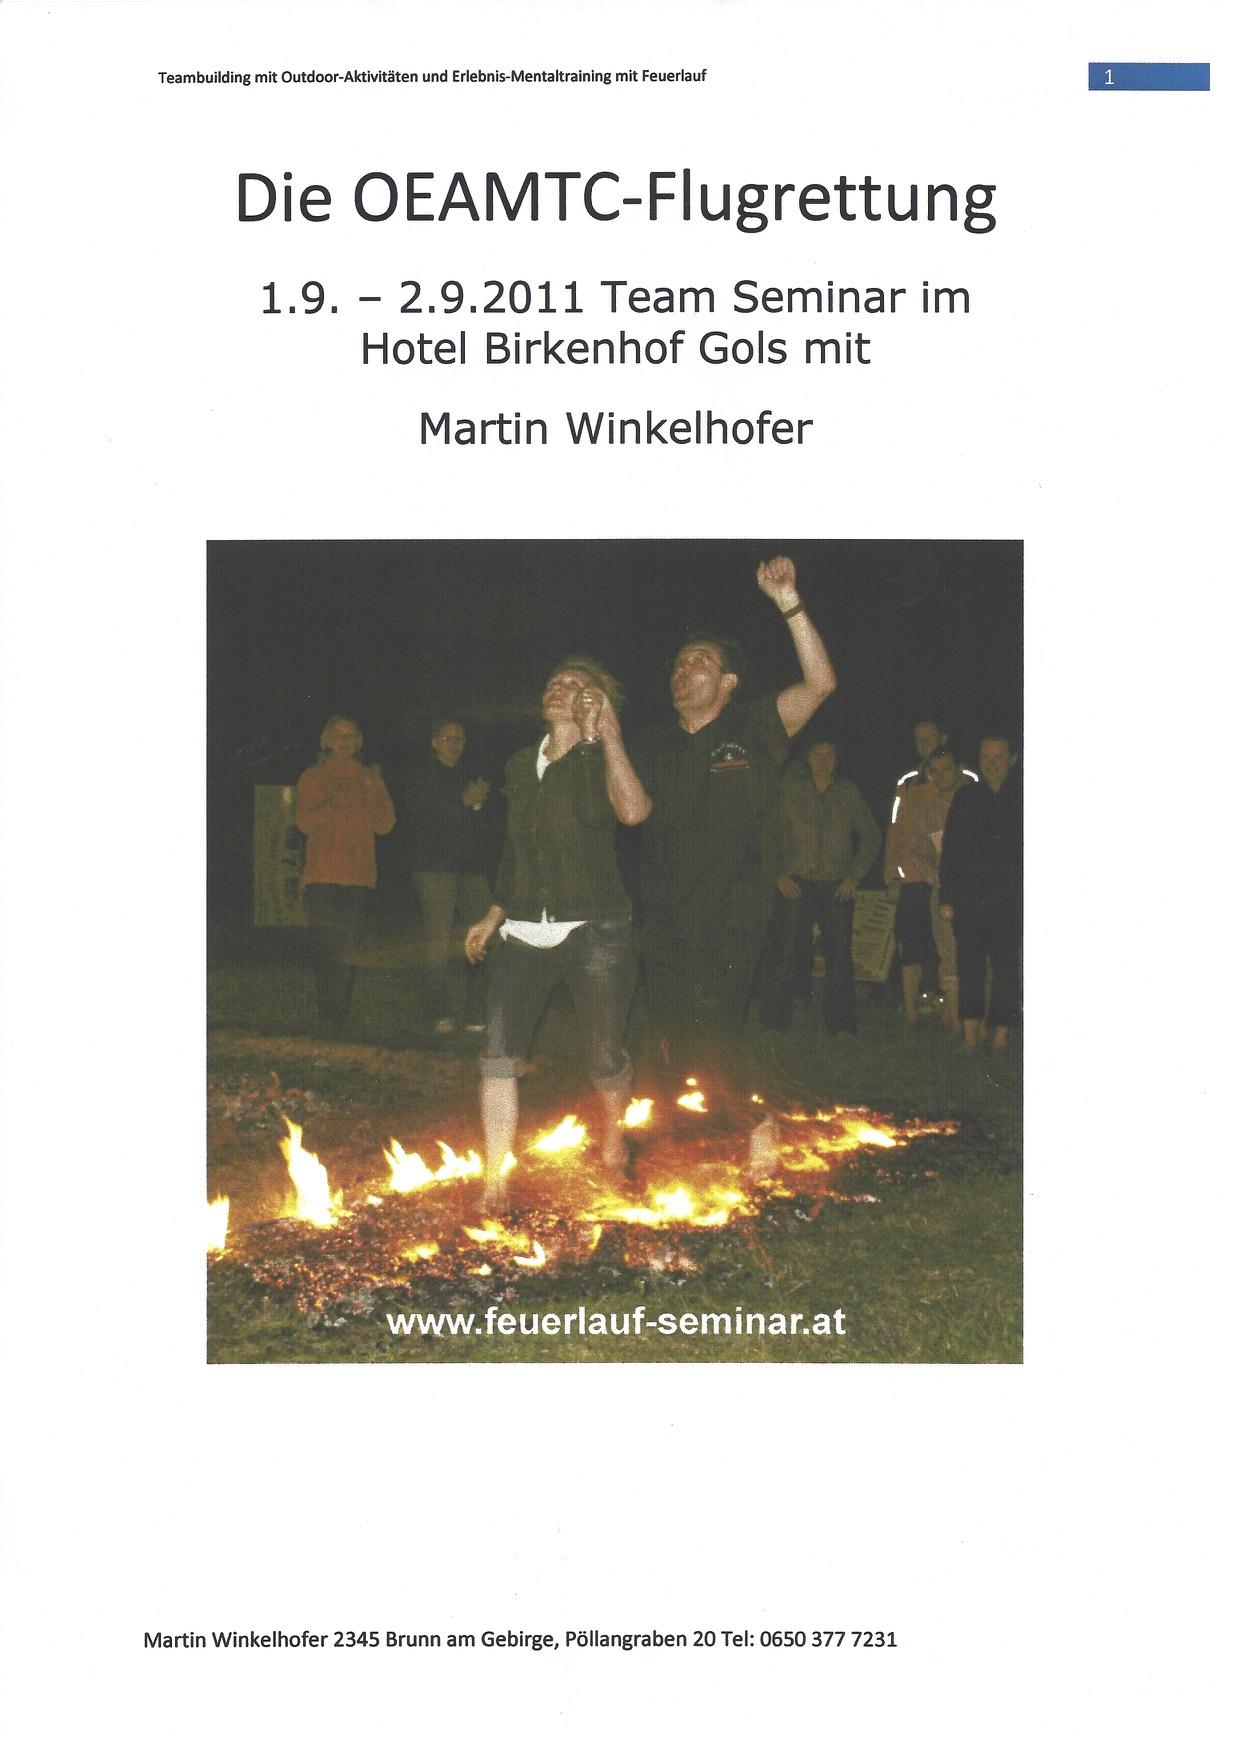 www.feuerlauf-seminar.at